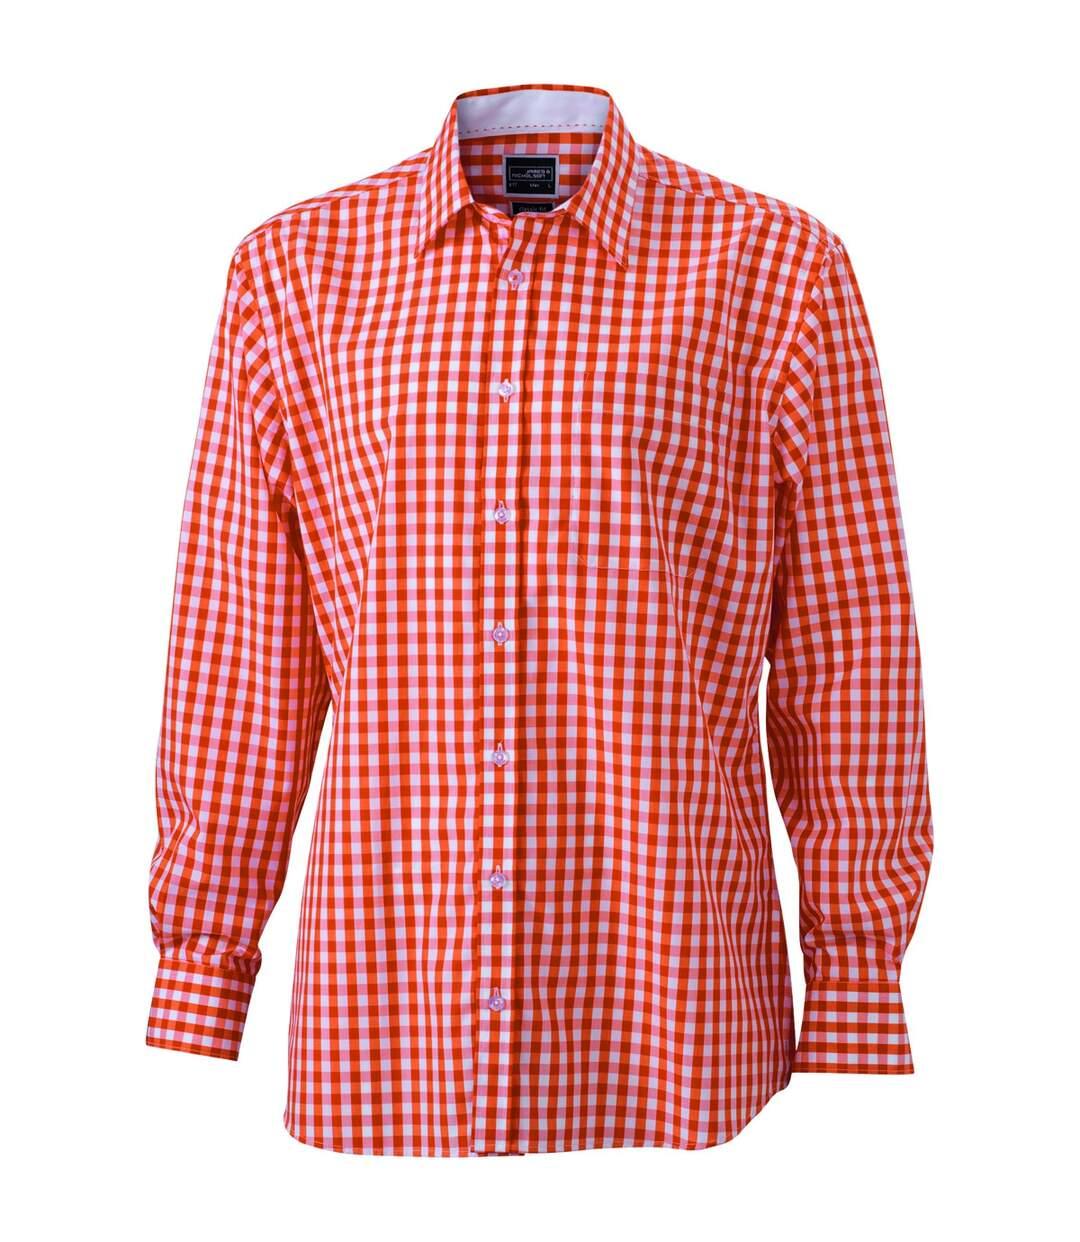 chemise manches longues carreaux vichy HOMME JN617 - orange